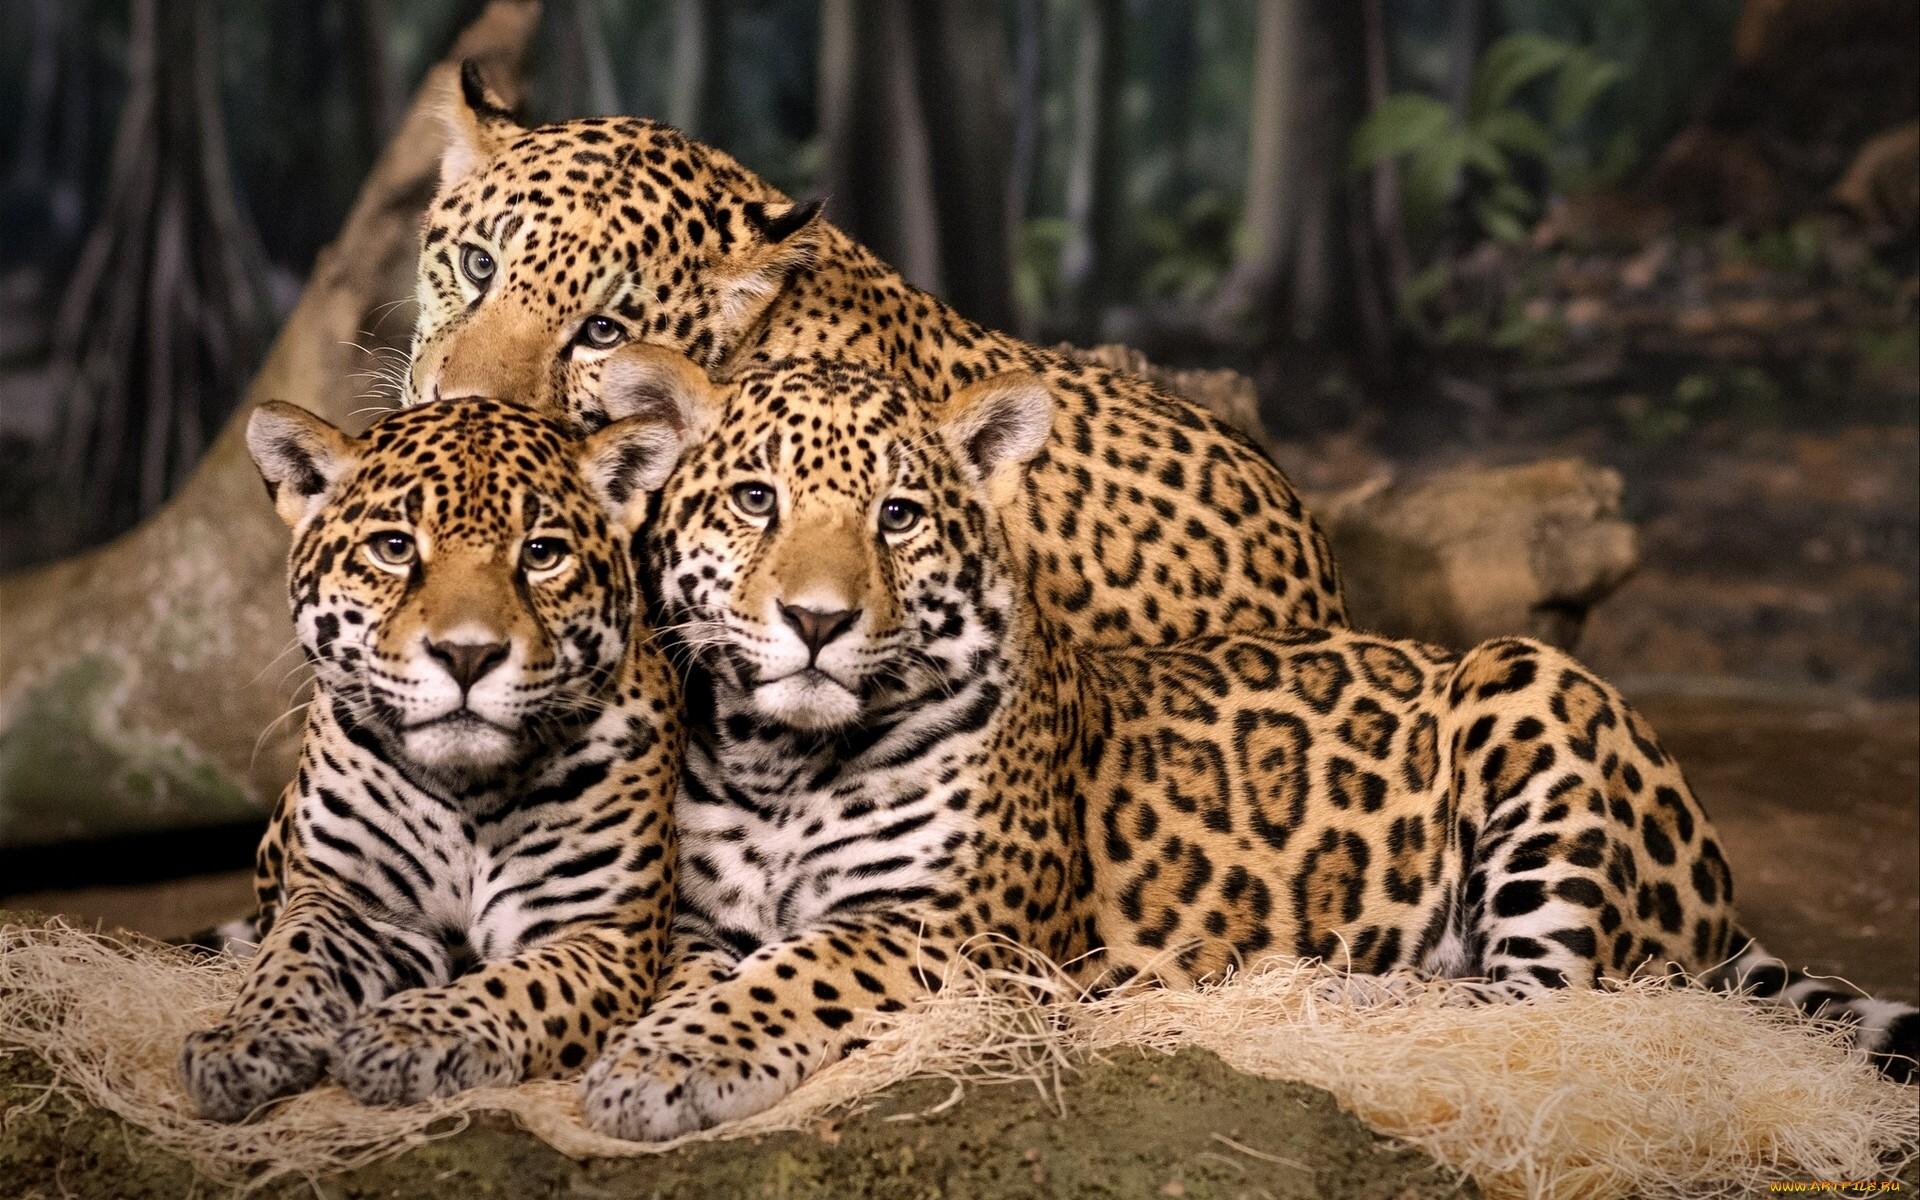 очень простой дикие кошки фото обои реалистично выглядят